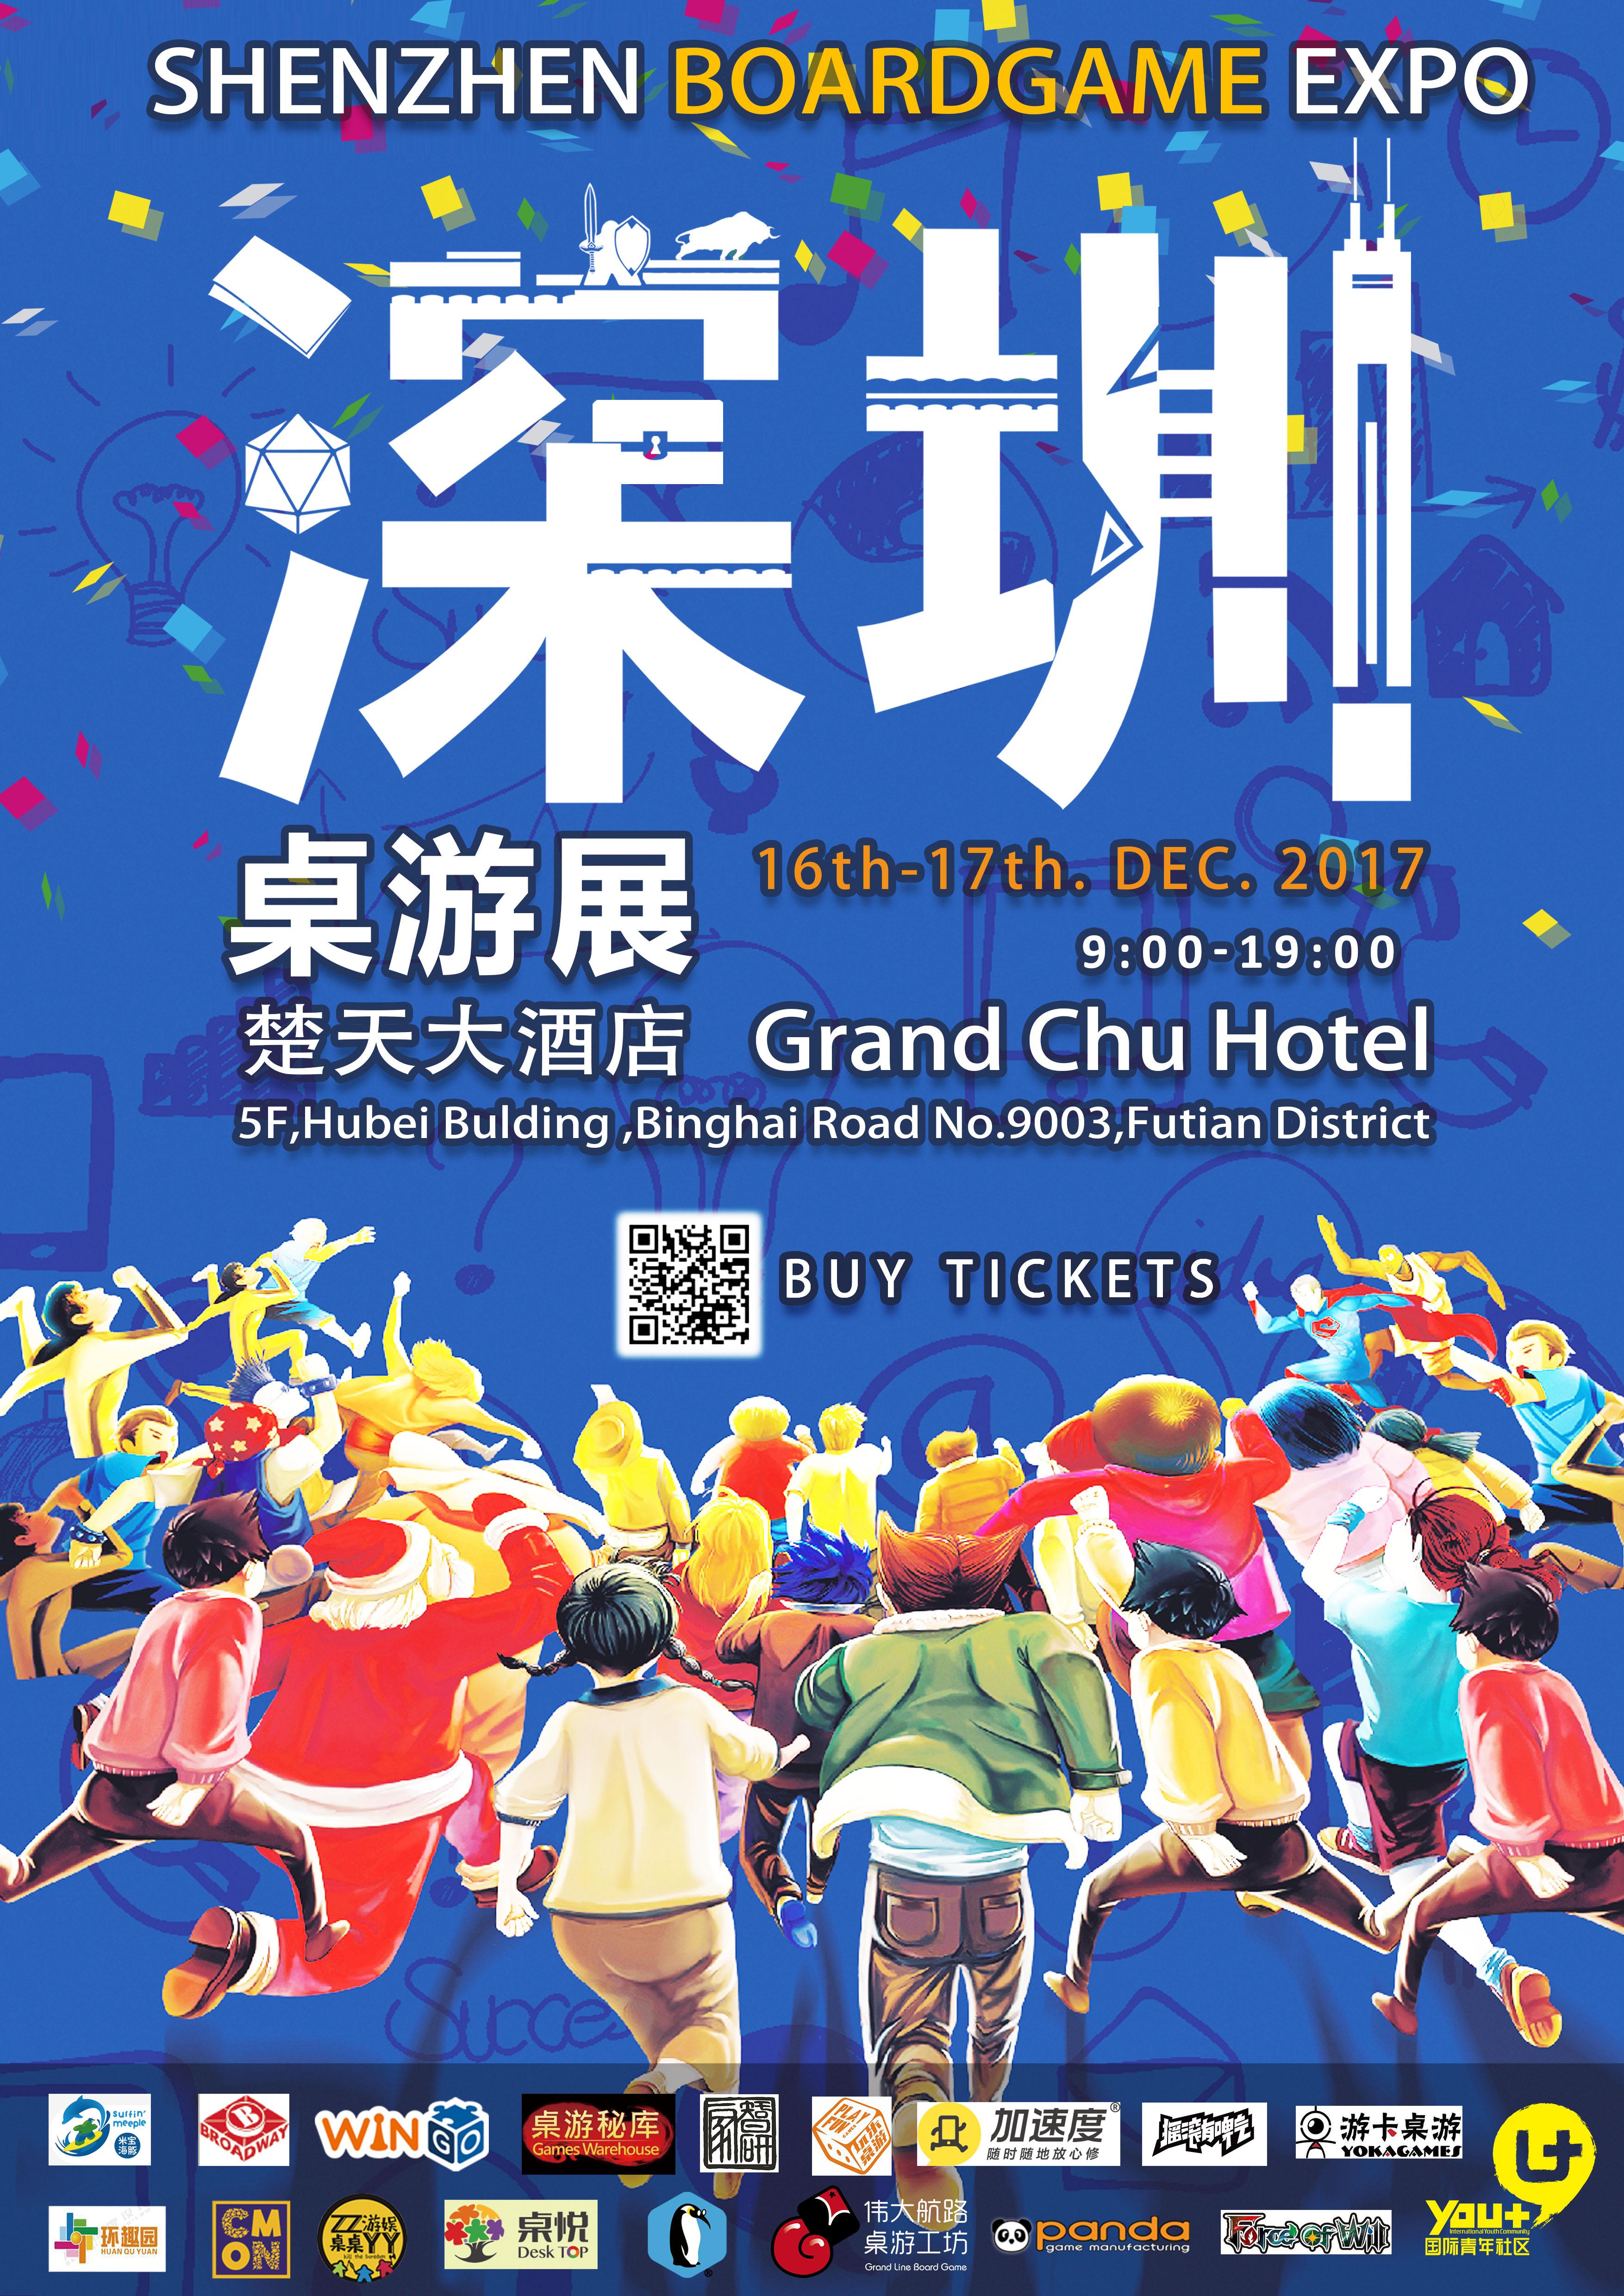 深圳桌游展x优家 A3 RGB 英文海报.jpg